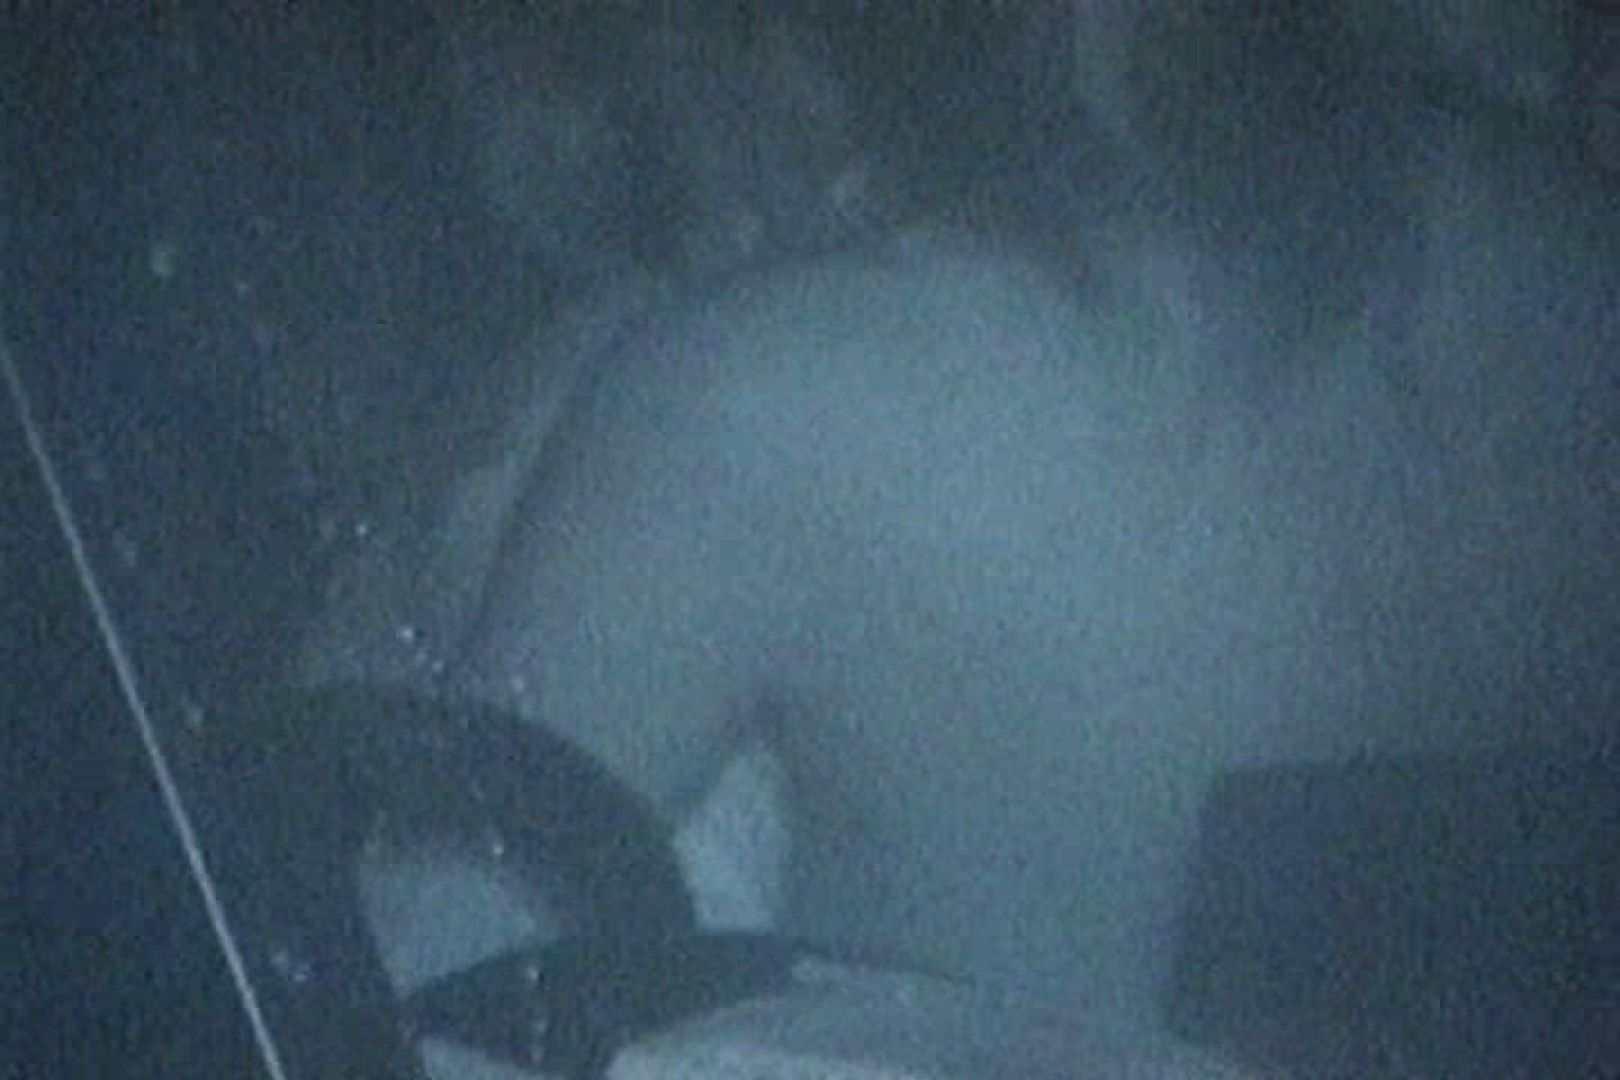 充血監督の深夜の運動会Vol.146 カップル盗撮 | エッチなセックス  62画像 37